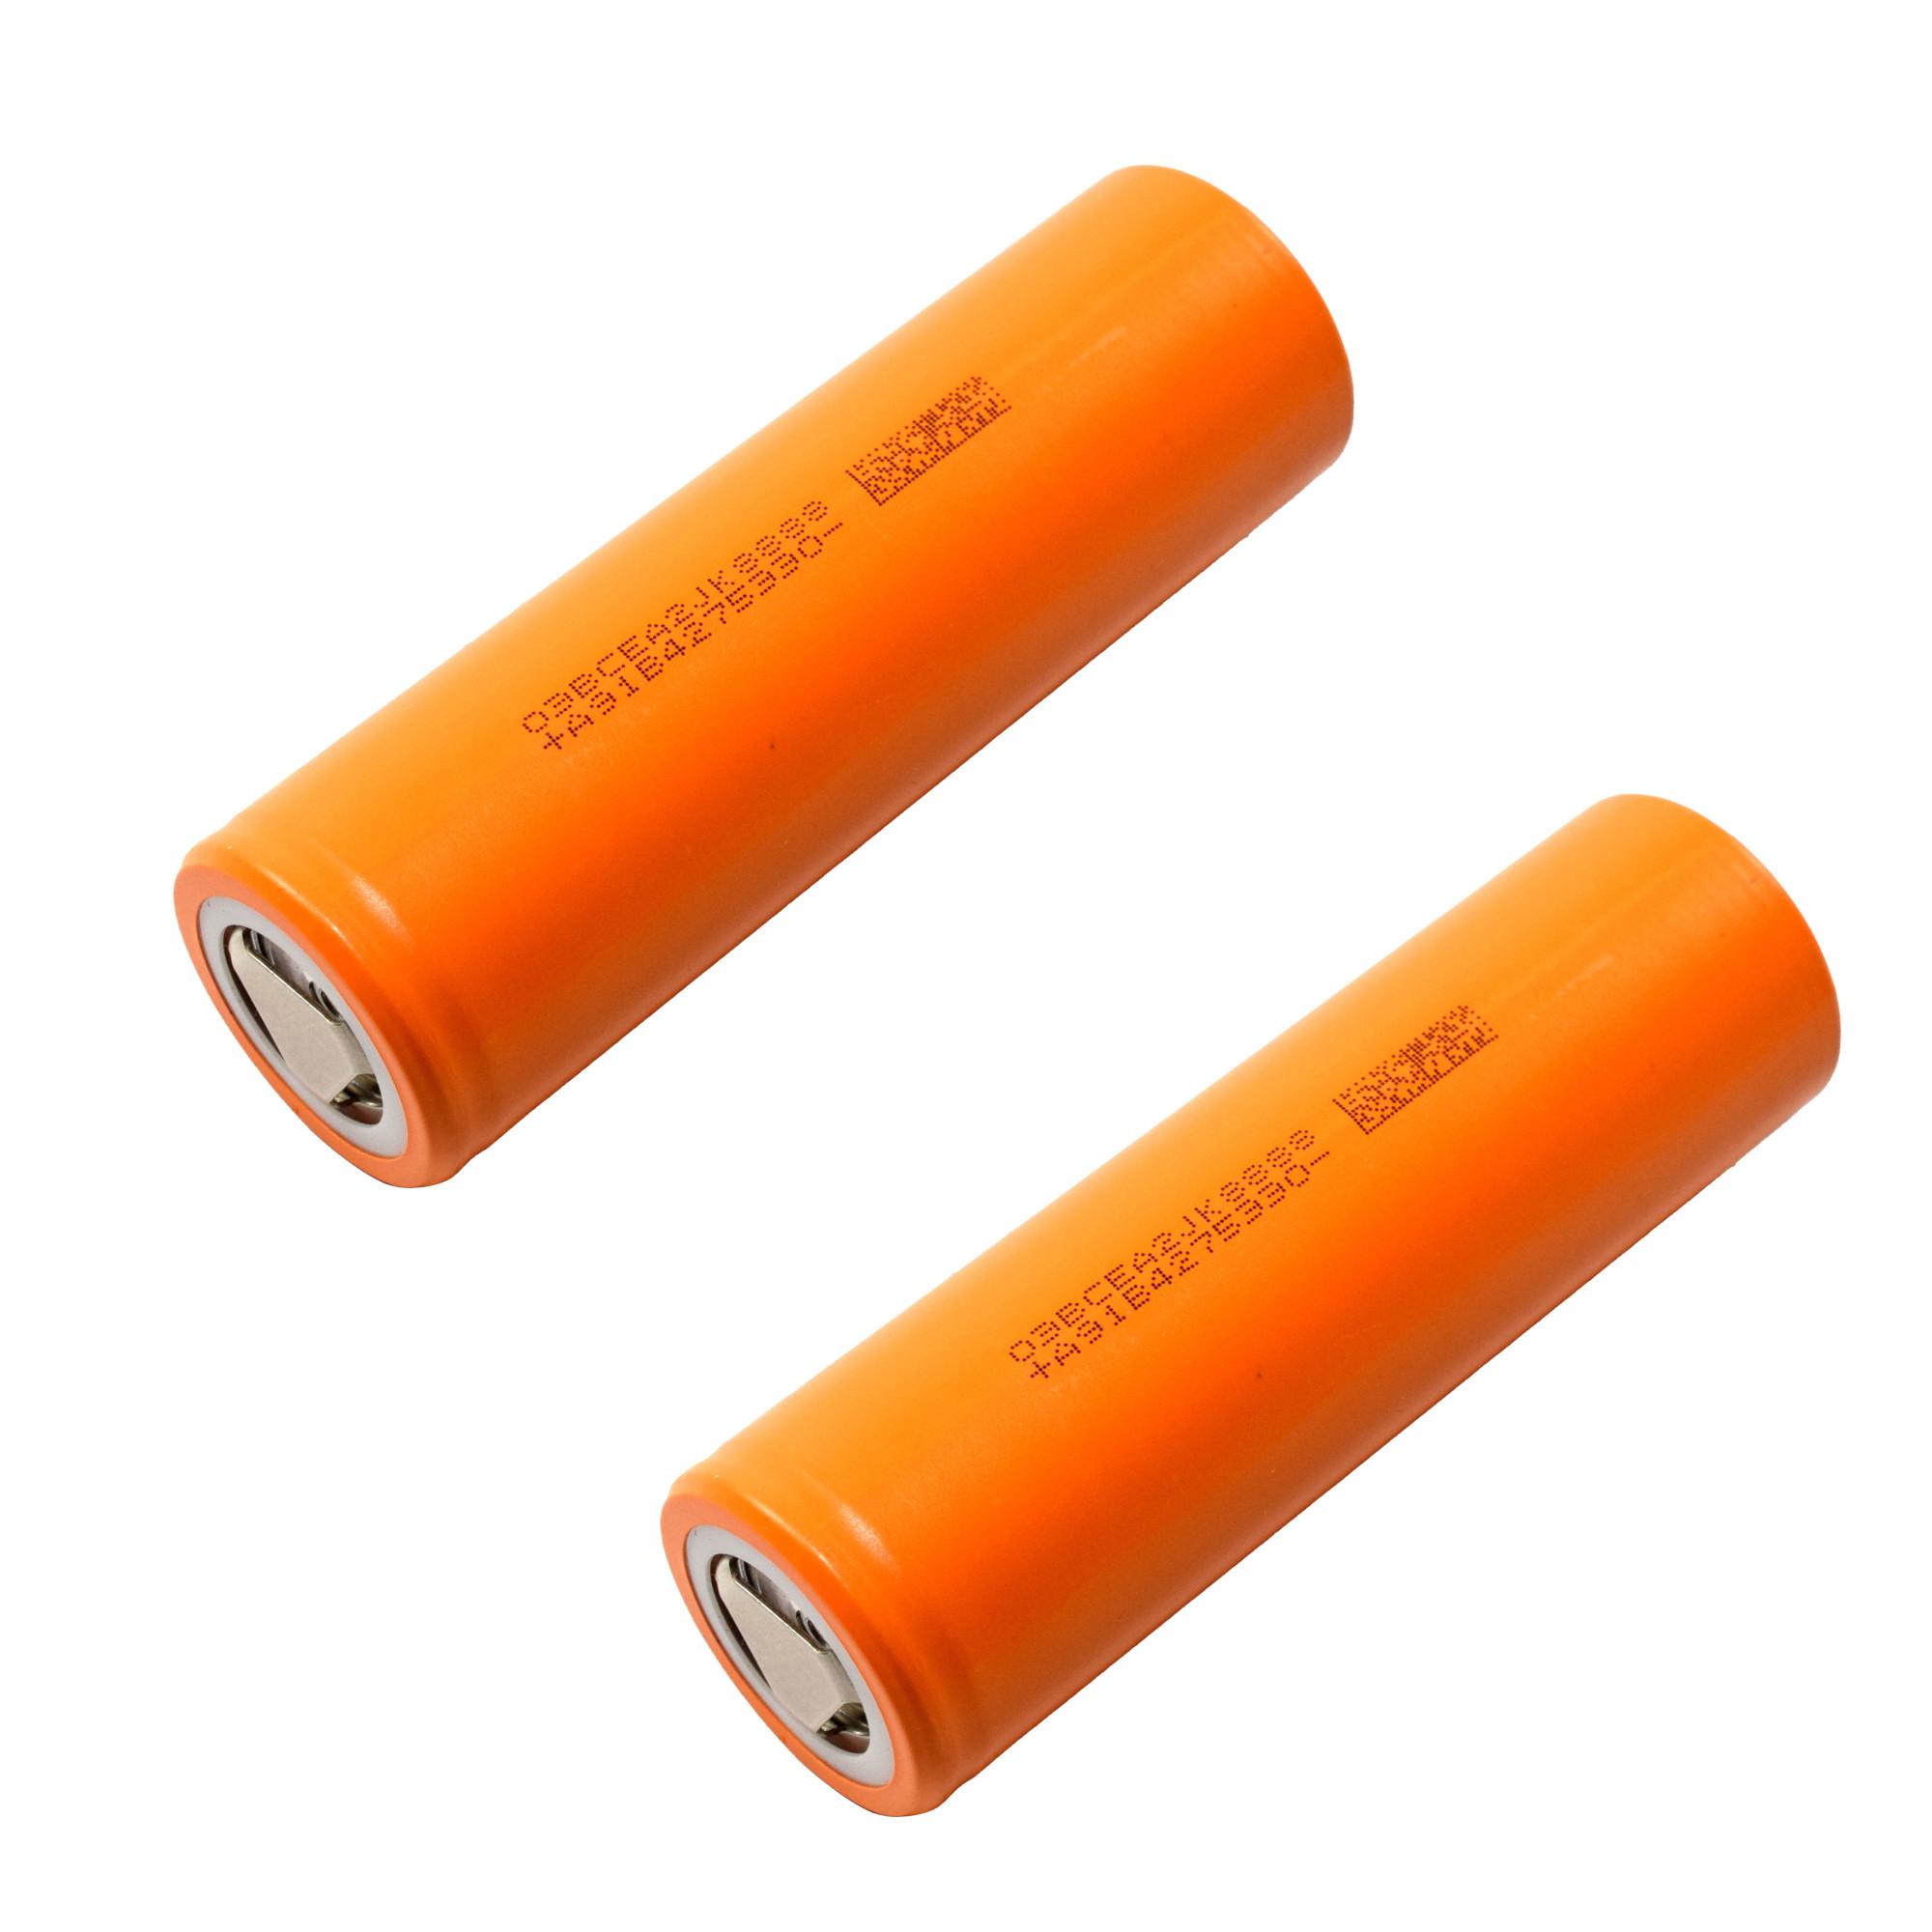 HQRP 3.6V Battery for Mitsubishi Q6BAT MR-Bat F2-40BL PM-20BL Q2MEM-Bat GT11-50BAT MR-J3BAT ER6VC119B HQRP Coaster